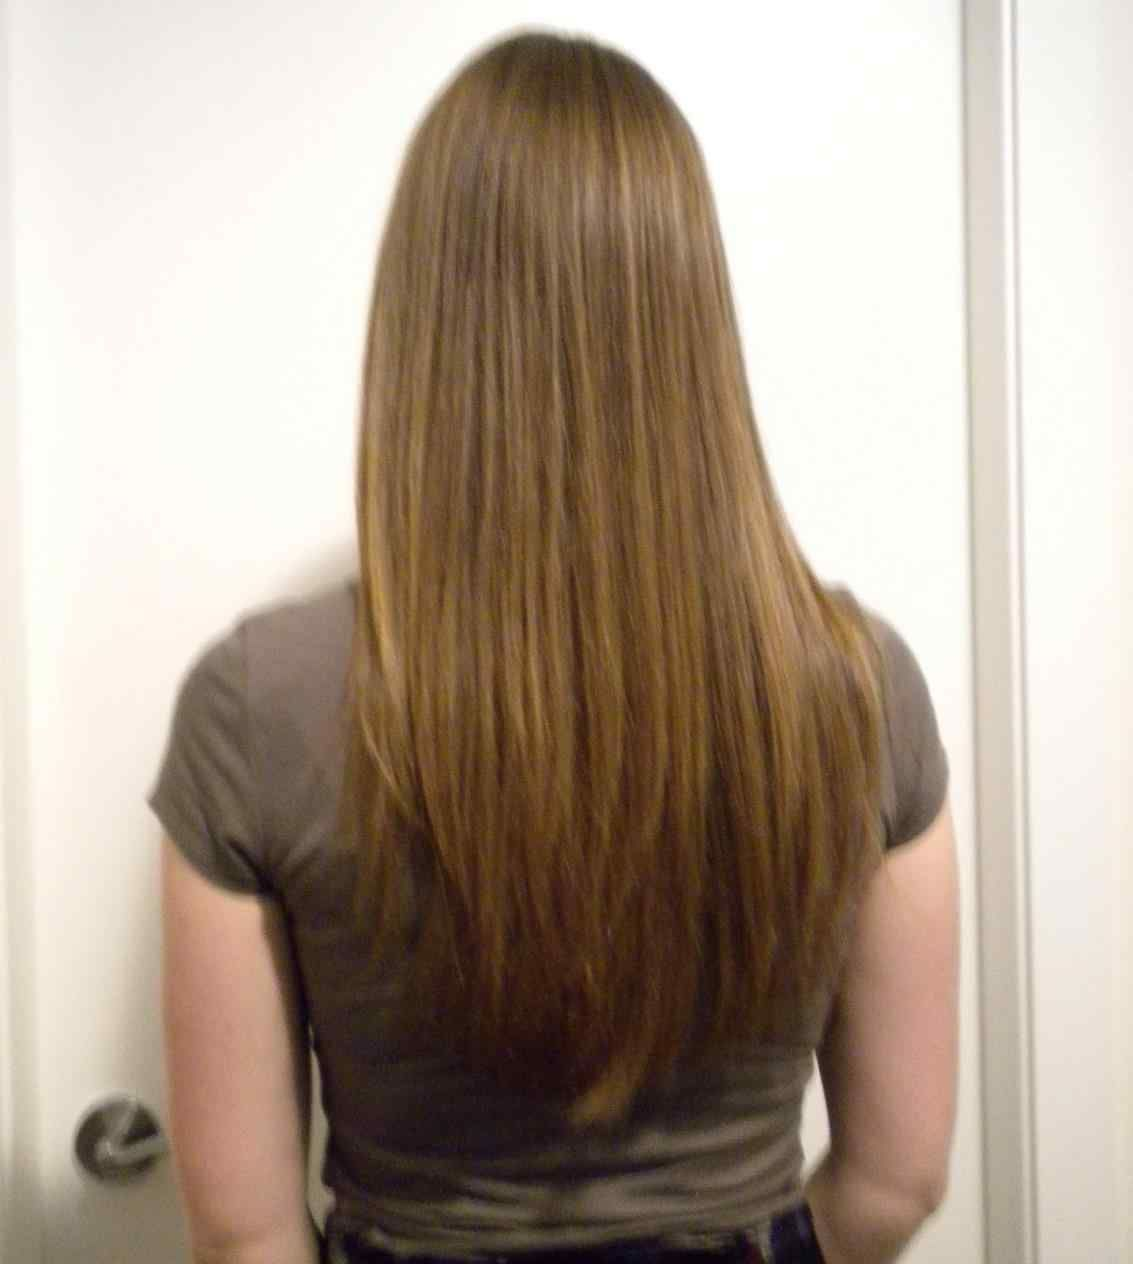 Bad Long Layered Haircuts Straight Hair Back View Layers Vs Good Bad Long Layered Haircu Long Hair Styles Long Layered Haircuts Straight Long Layered Haircuts